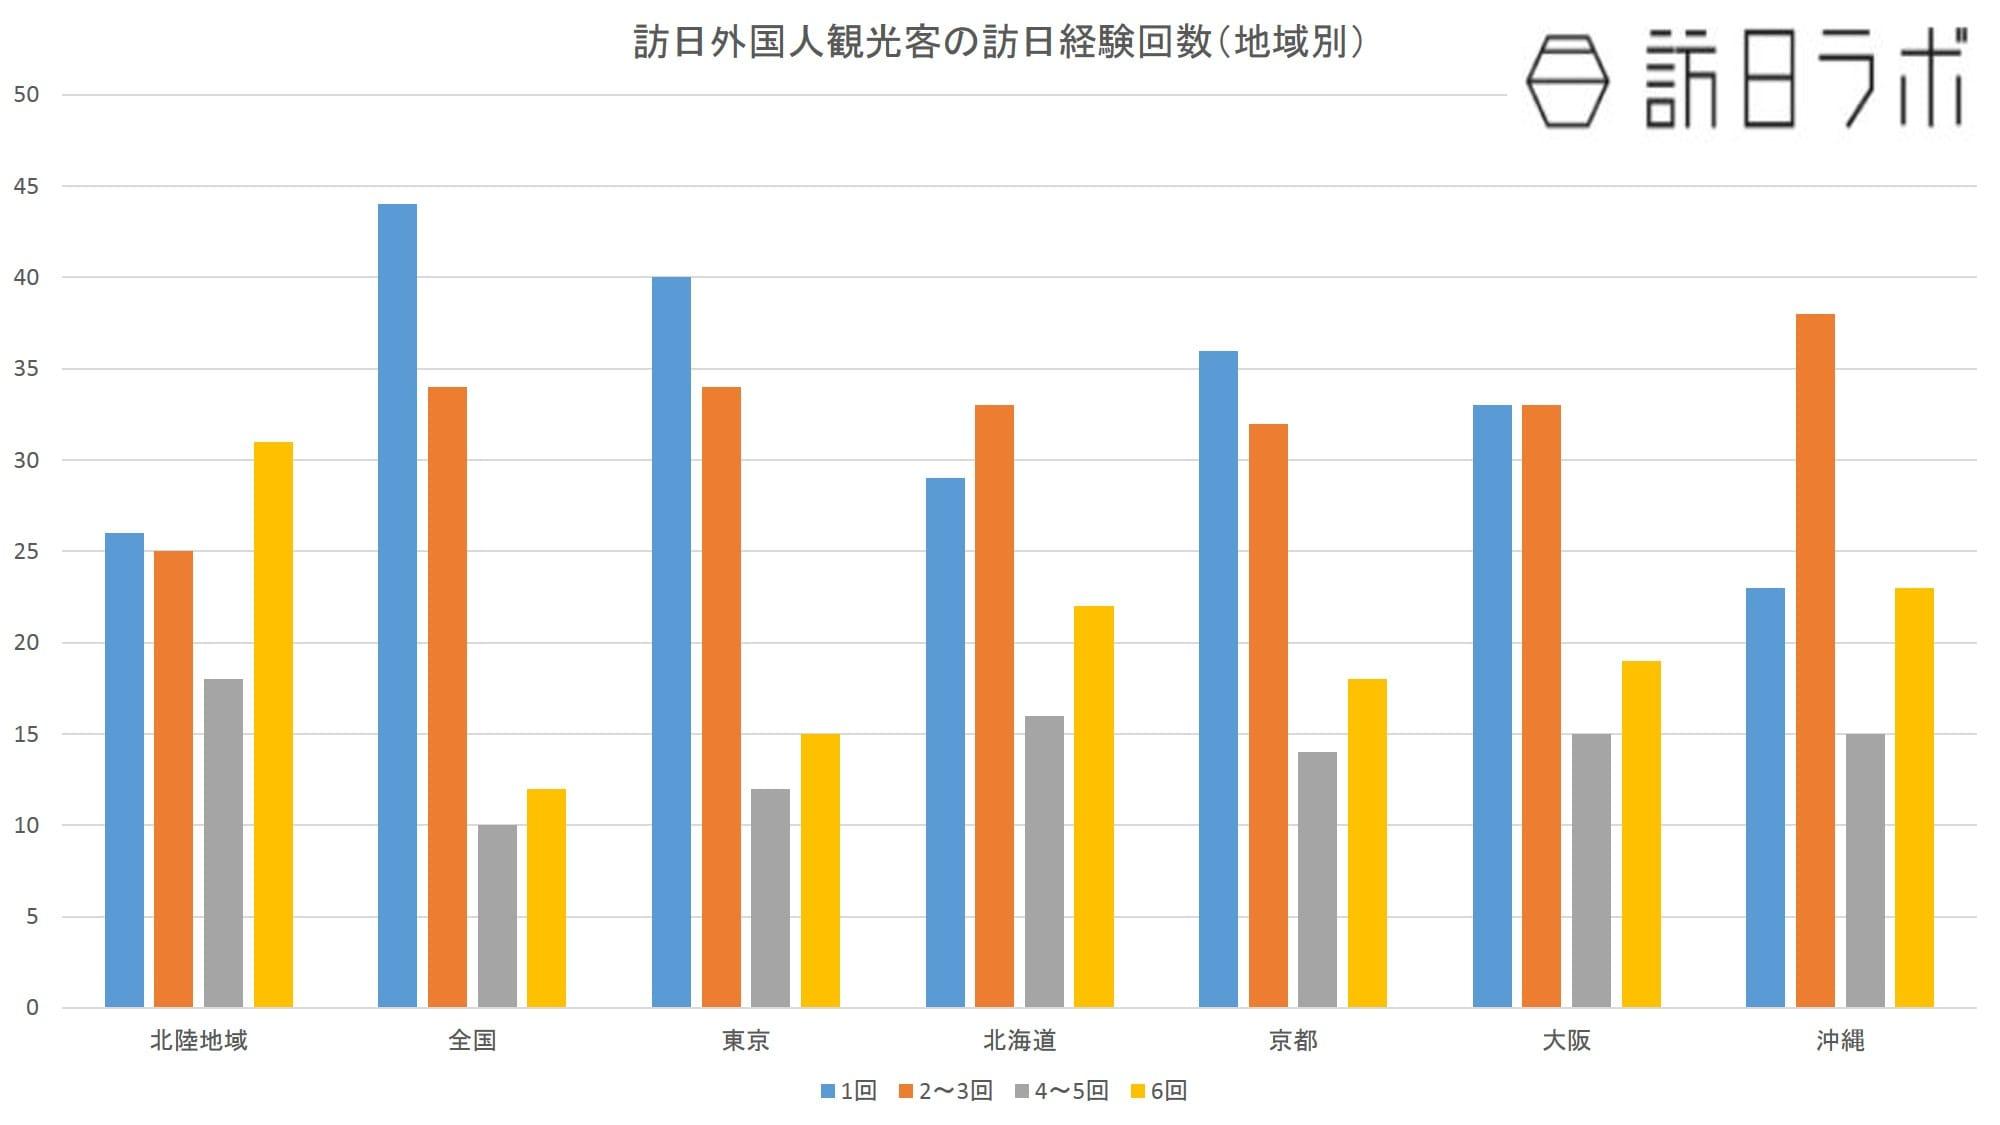 訪日外国人観光客の訪日経験回数(地域別):日本政策投資銀行「北陸地域における観光マーケティングの必要性~DBJ/JTBF アジア・欧米豪 訪日外国人旅行者の意向調査」より数値をグラフ化